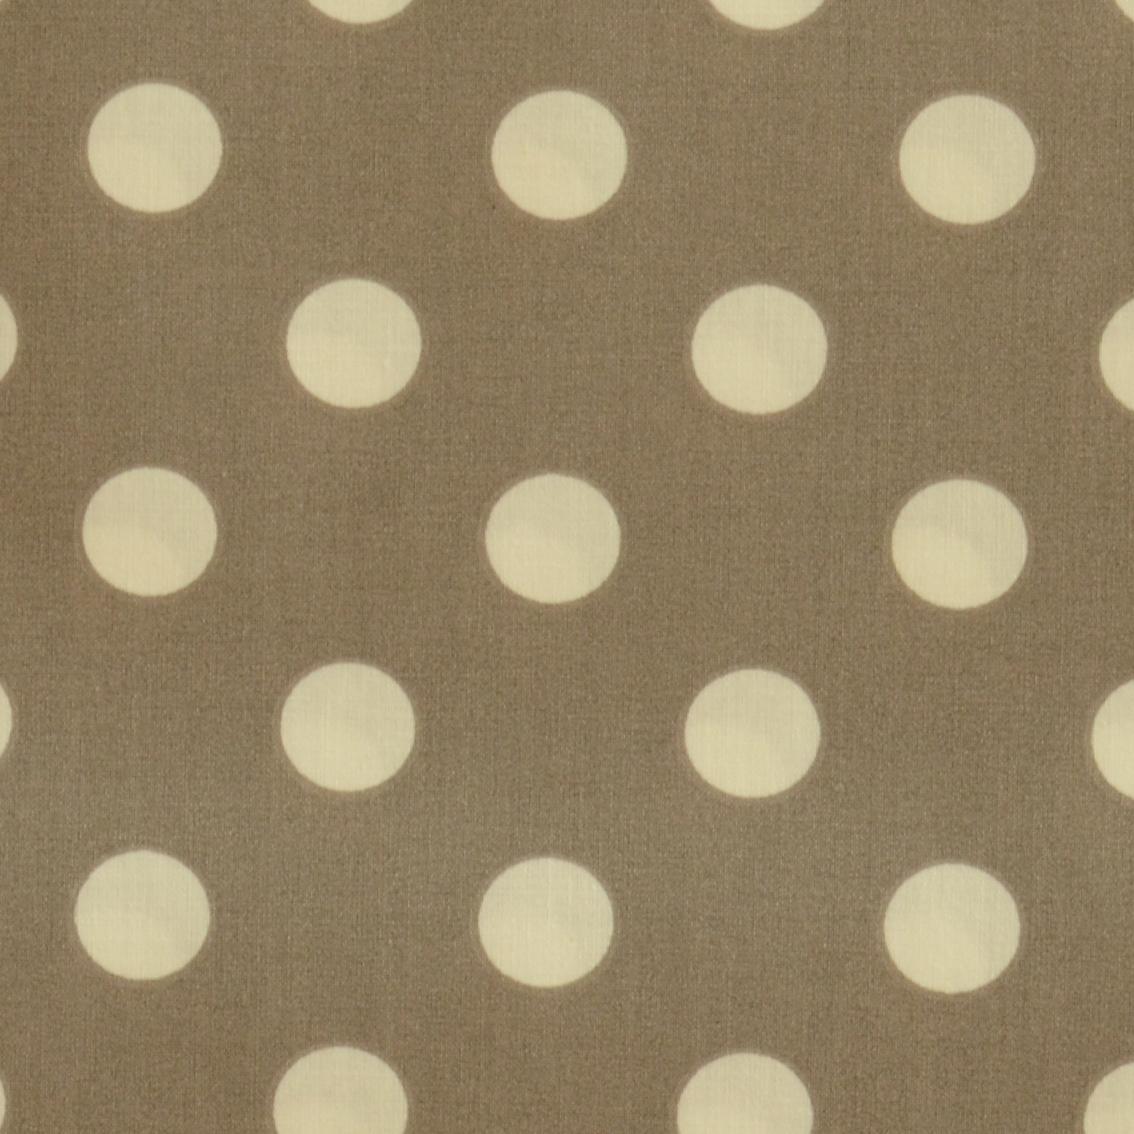 stoff liebe aus liebe wird stoff bio beschichtete baumwolle dots cinder stoffe online. Black Bedroom Furniture Sets. Home Design Ideas